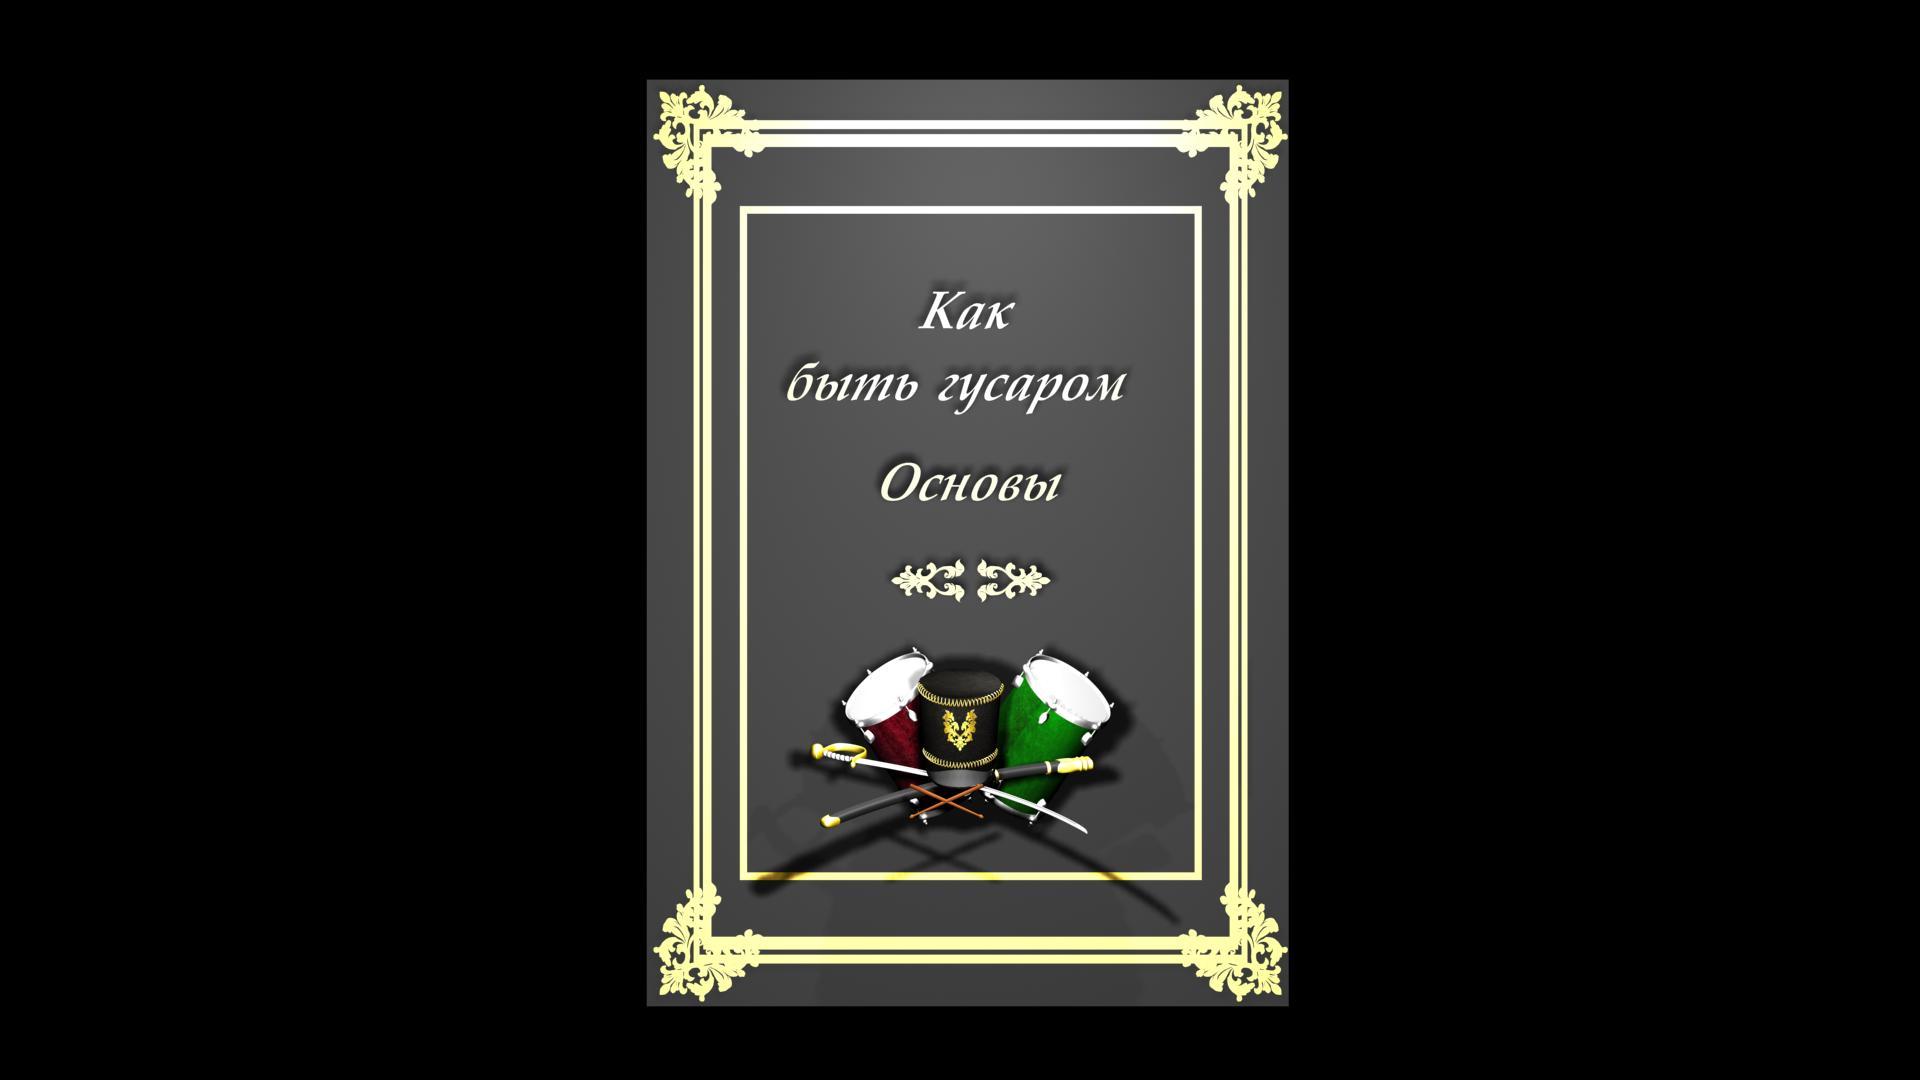 Обложка книги  фото f_5445fb55bb2b9a37.jpg